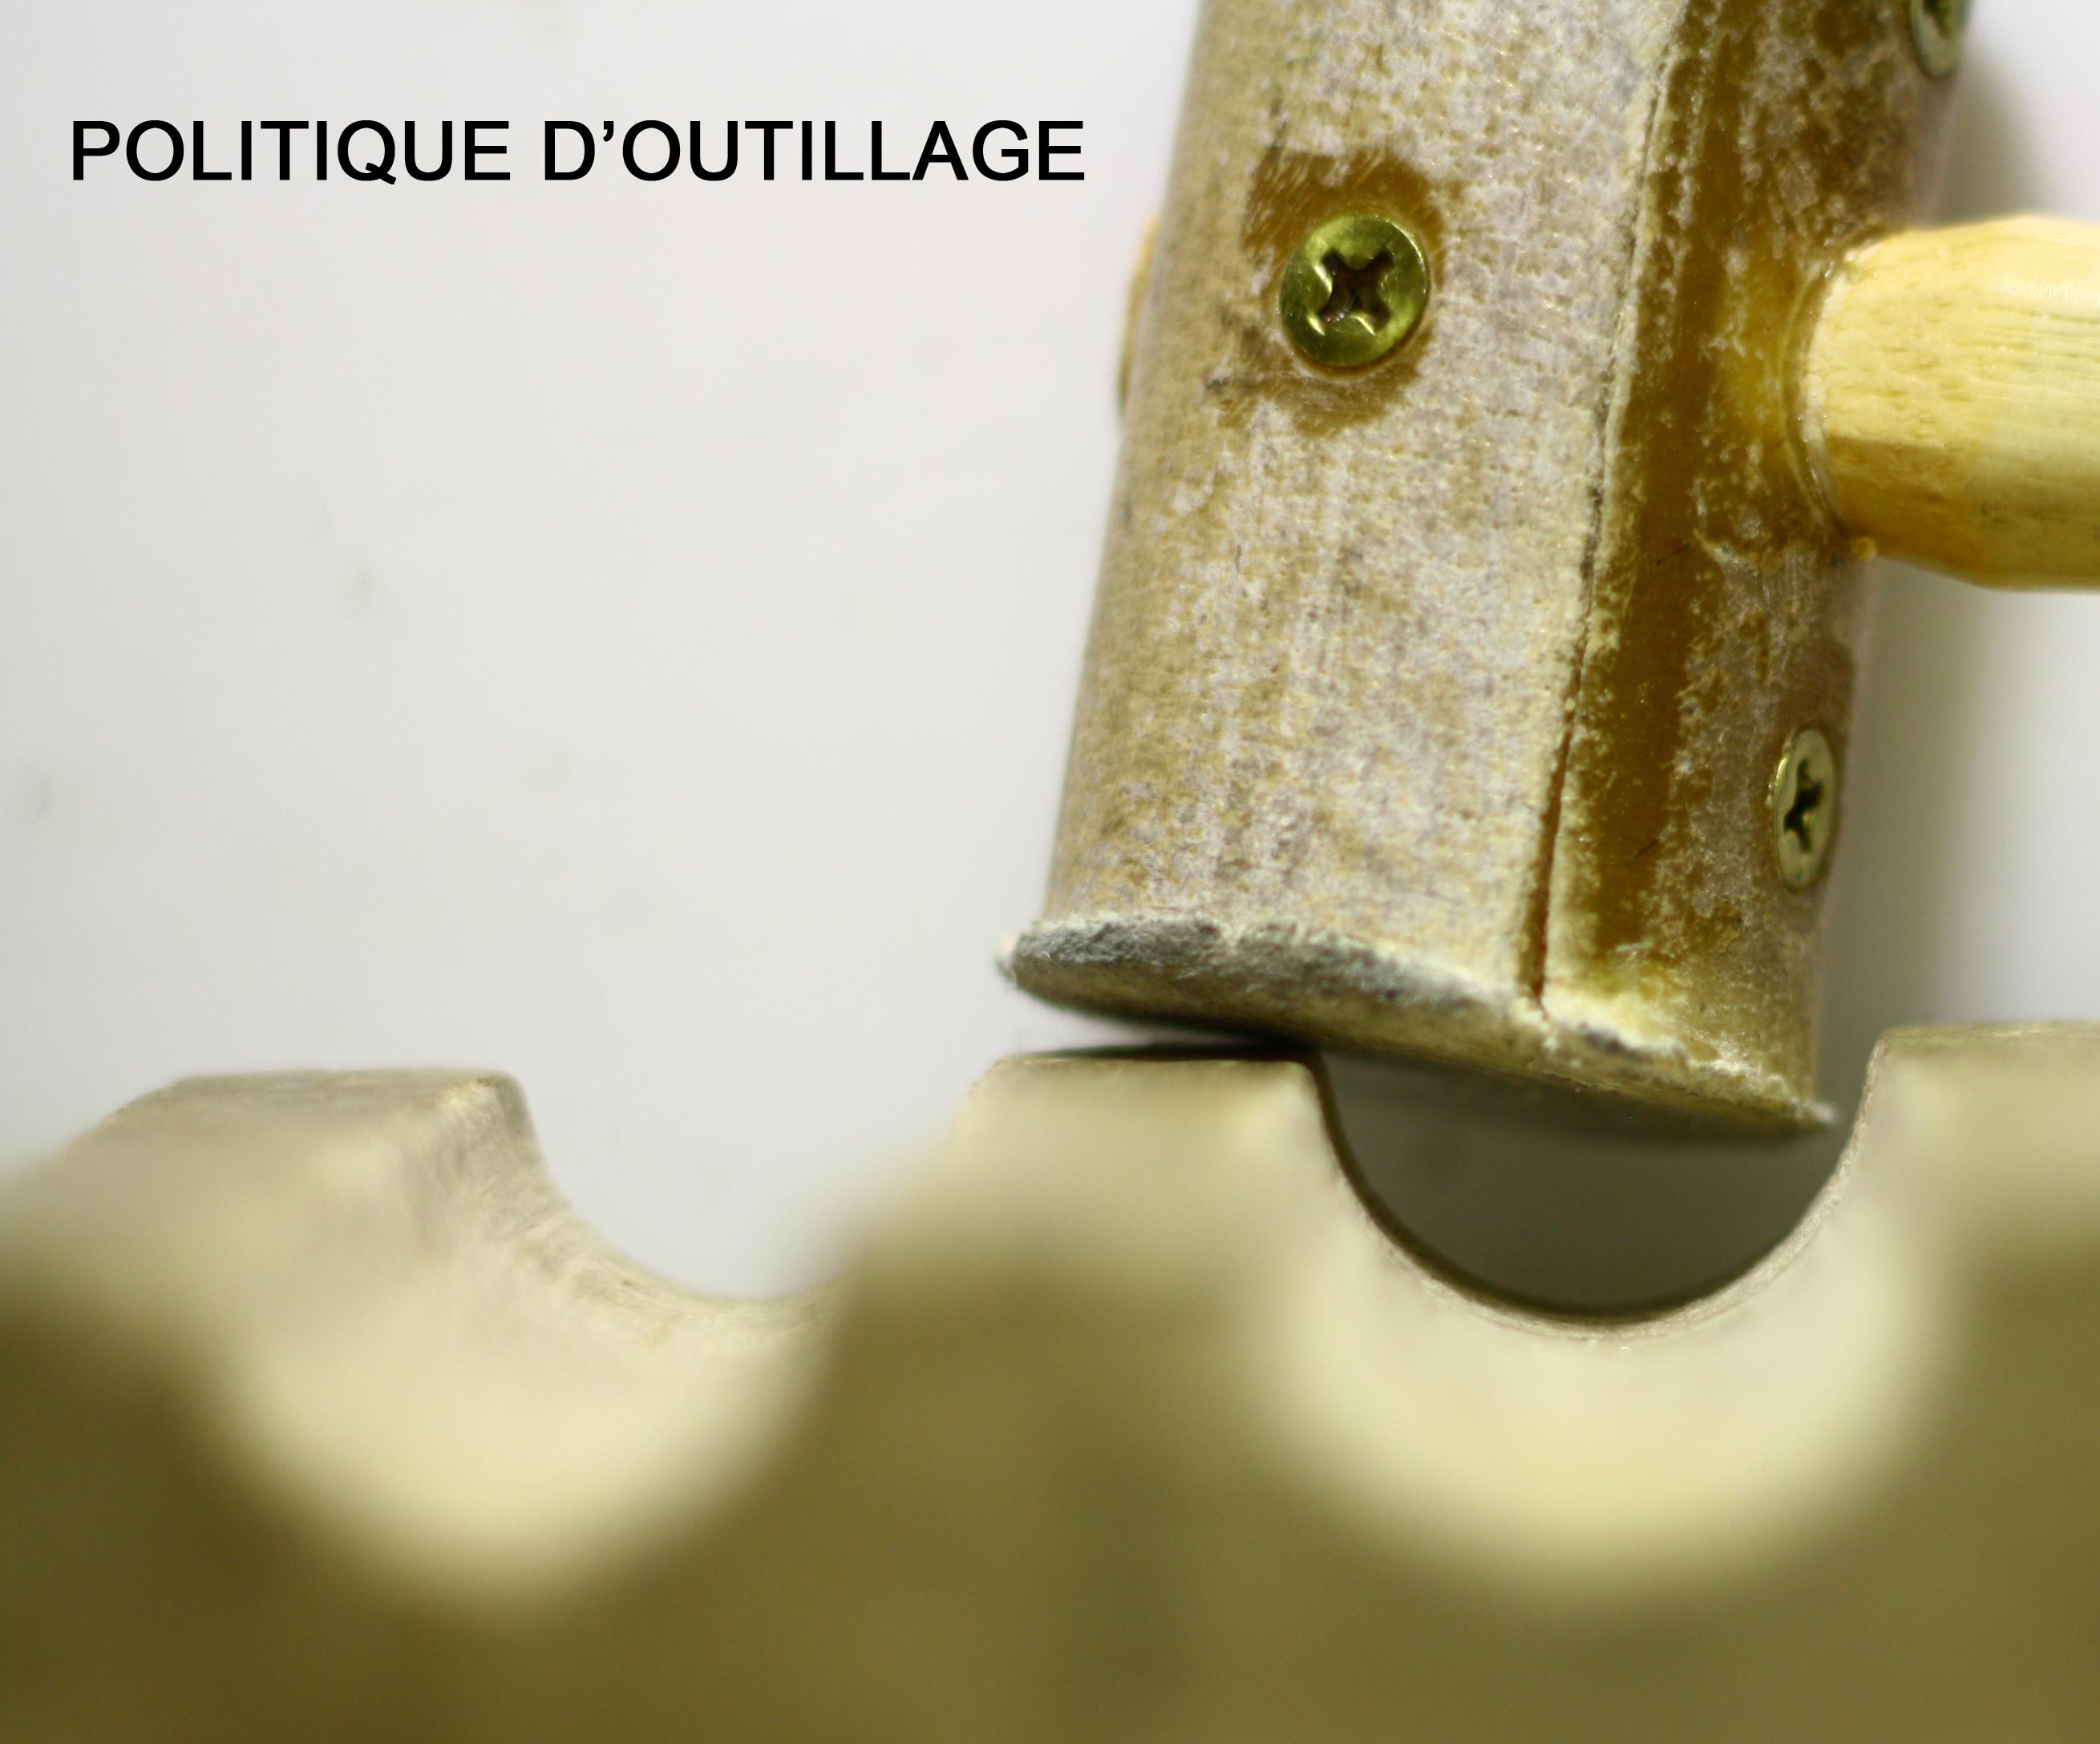 OUTILLAGE-2